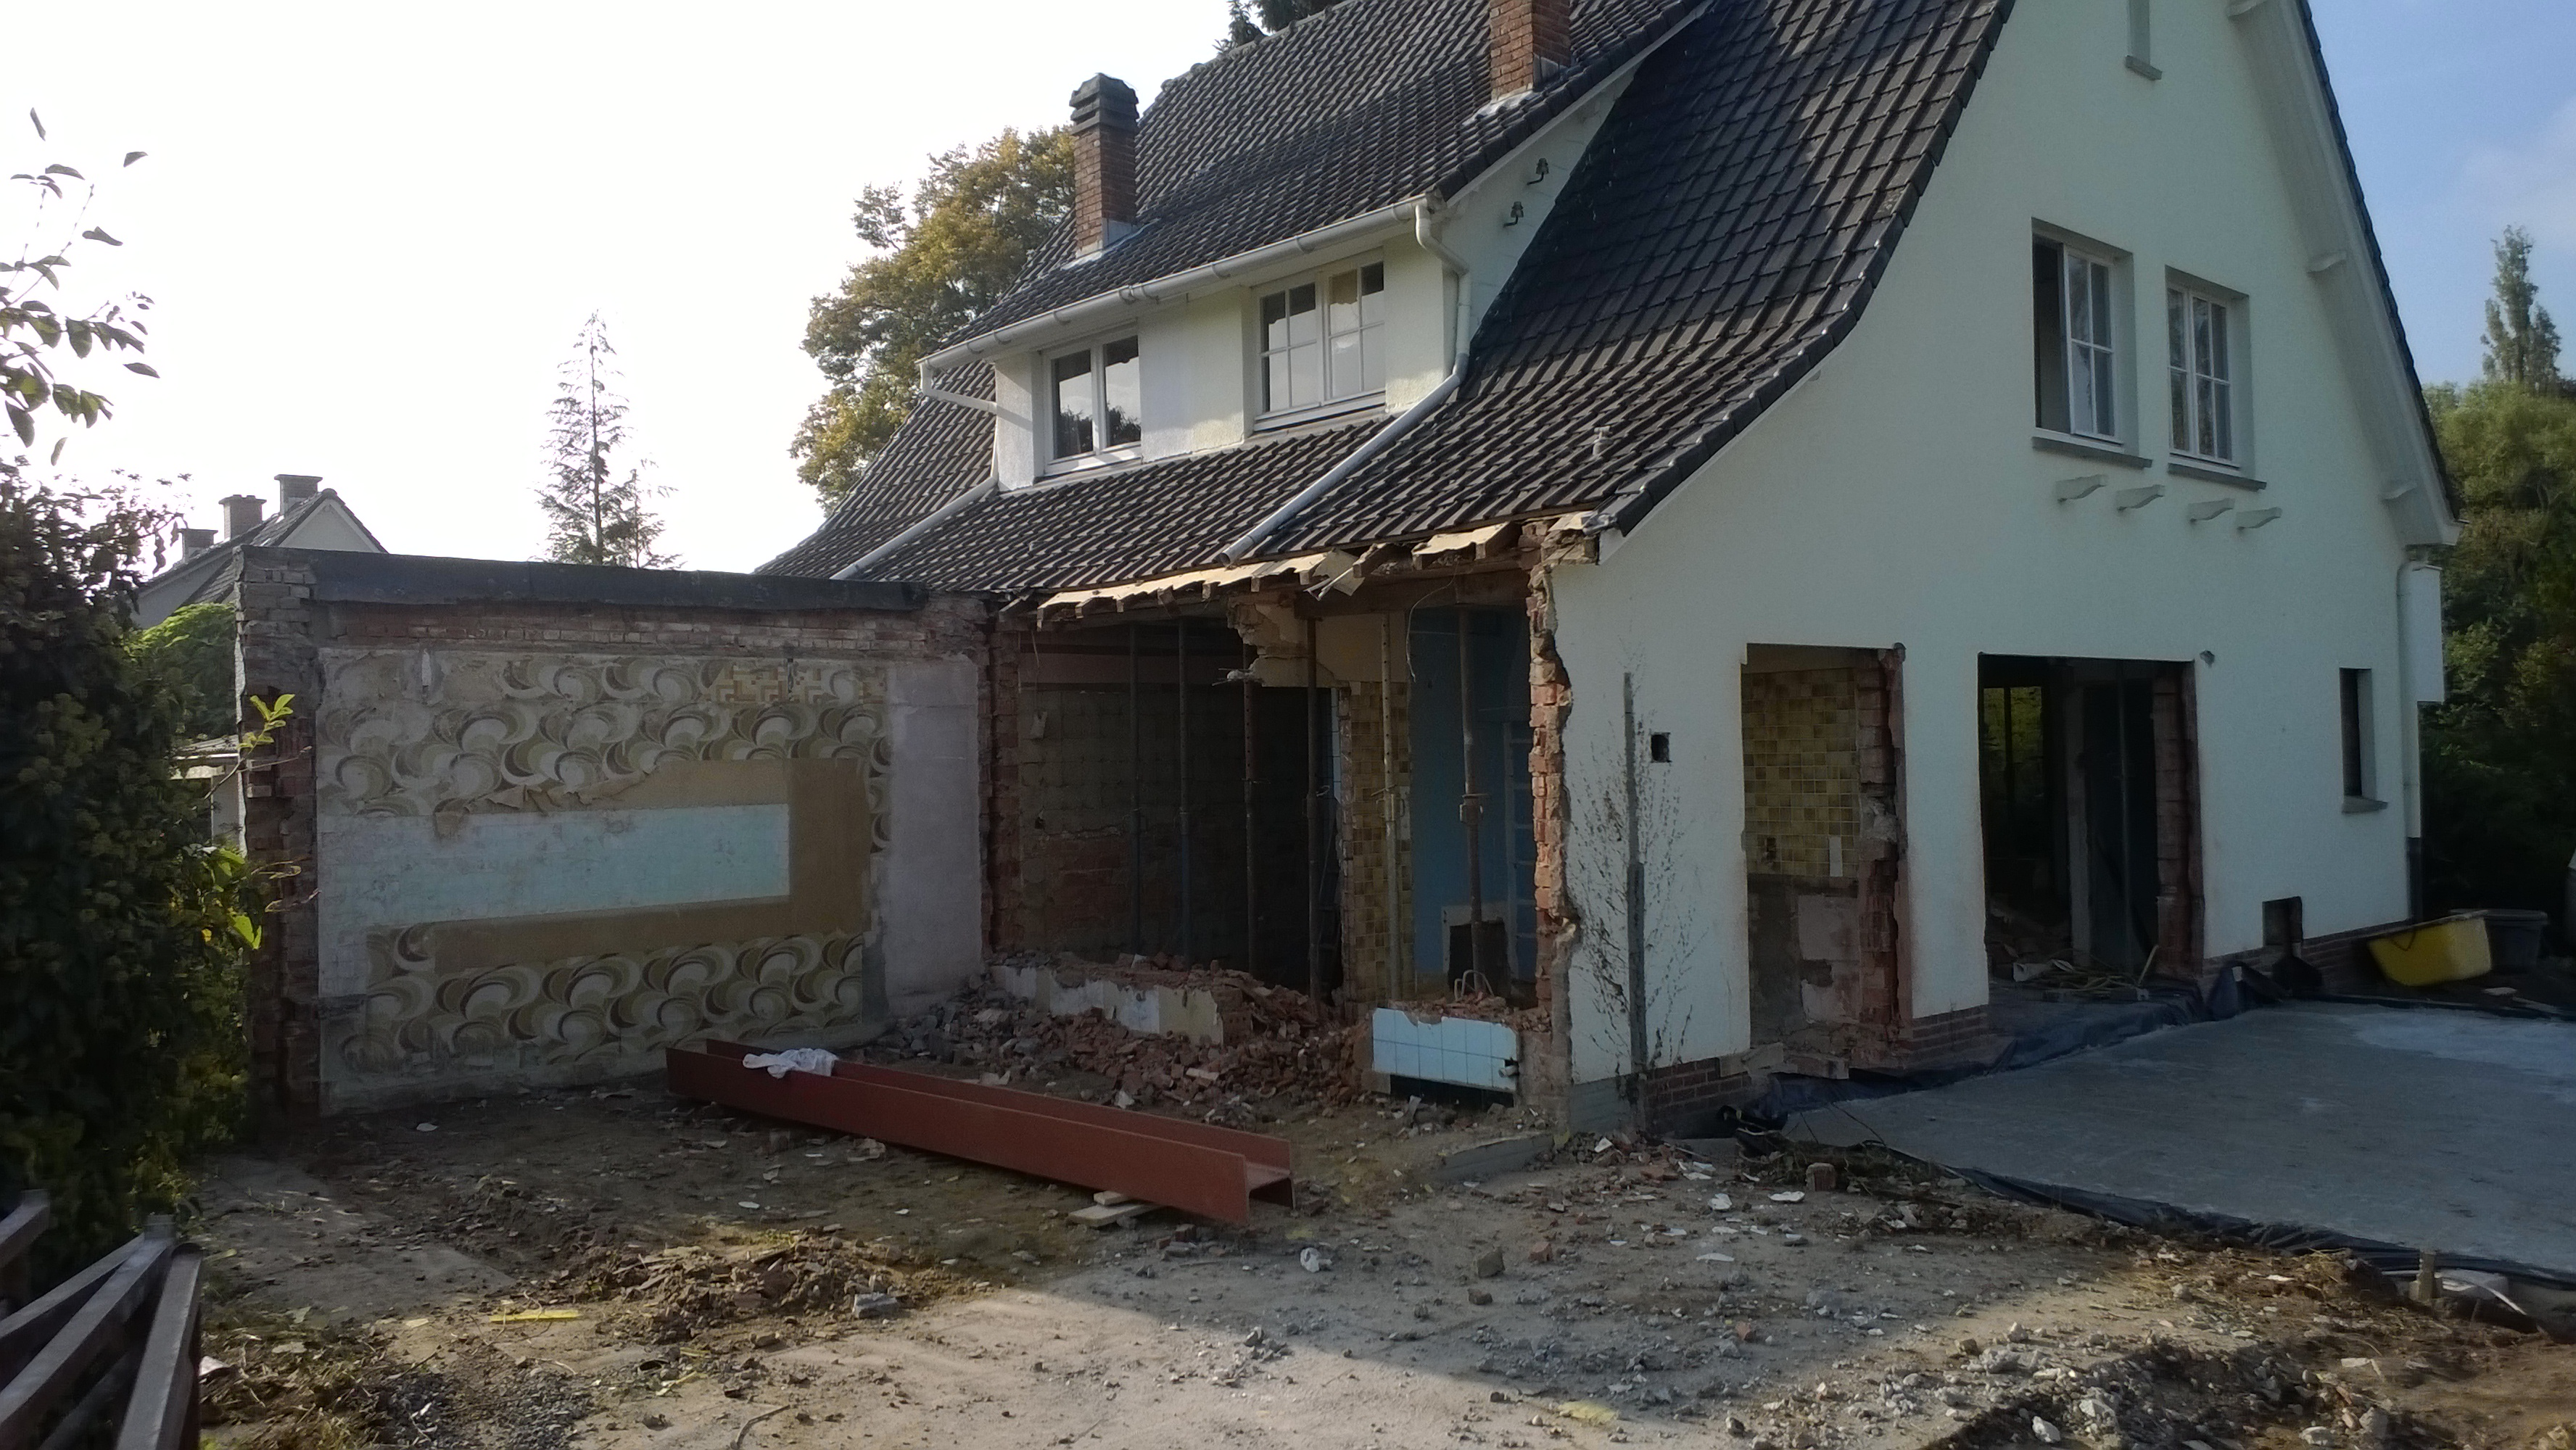 Bompa s huis klaar voor een nieuw verhaal for Energiezuinig huis bouwen